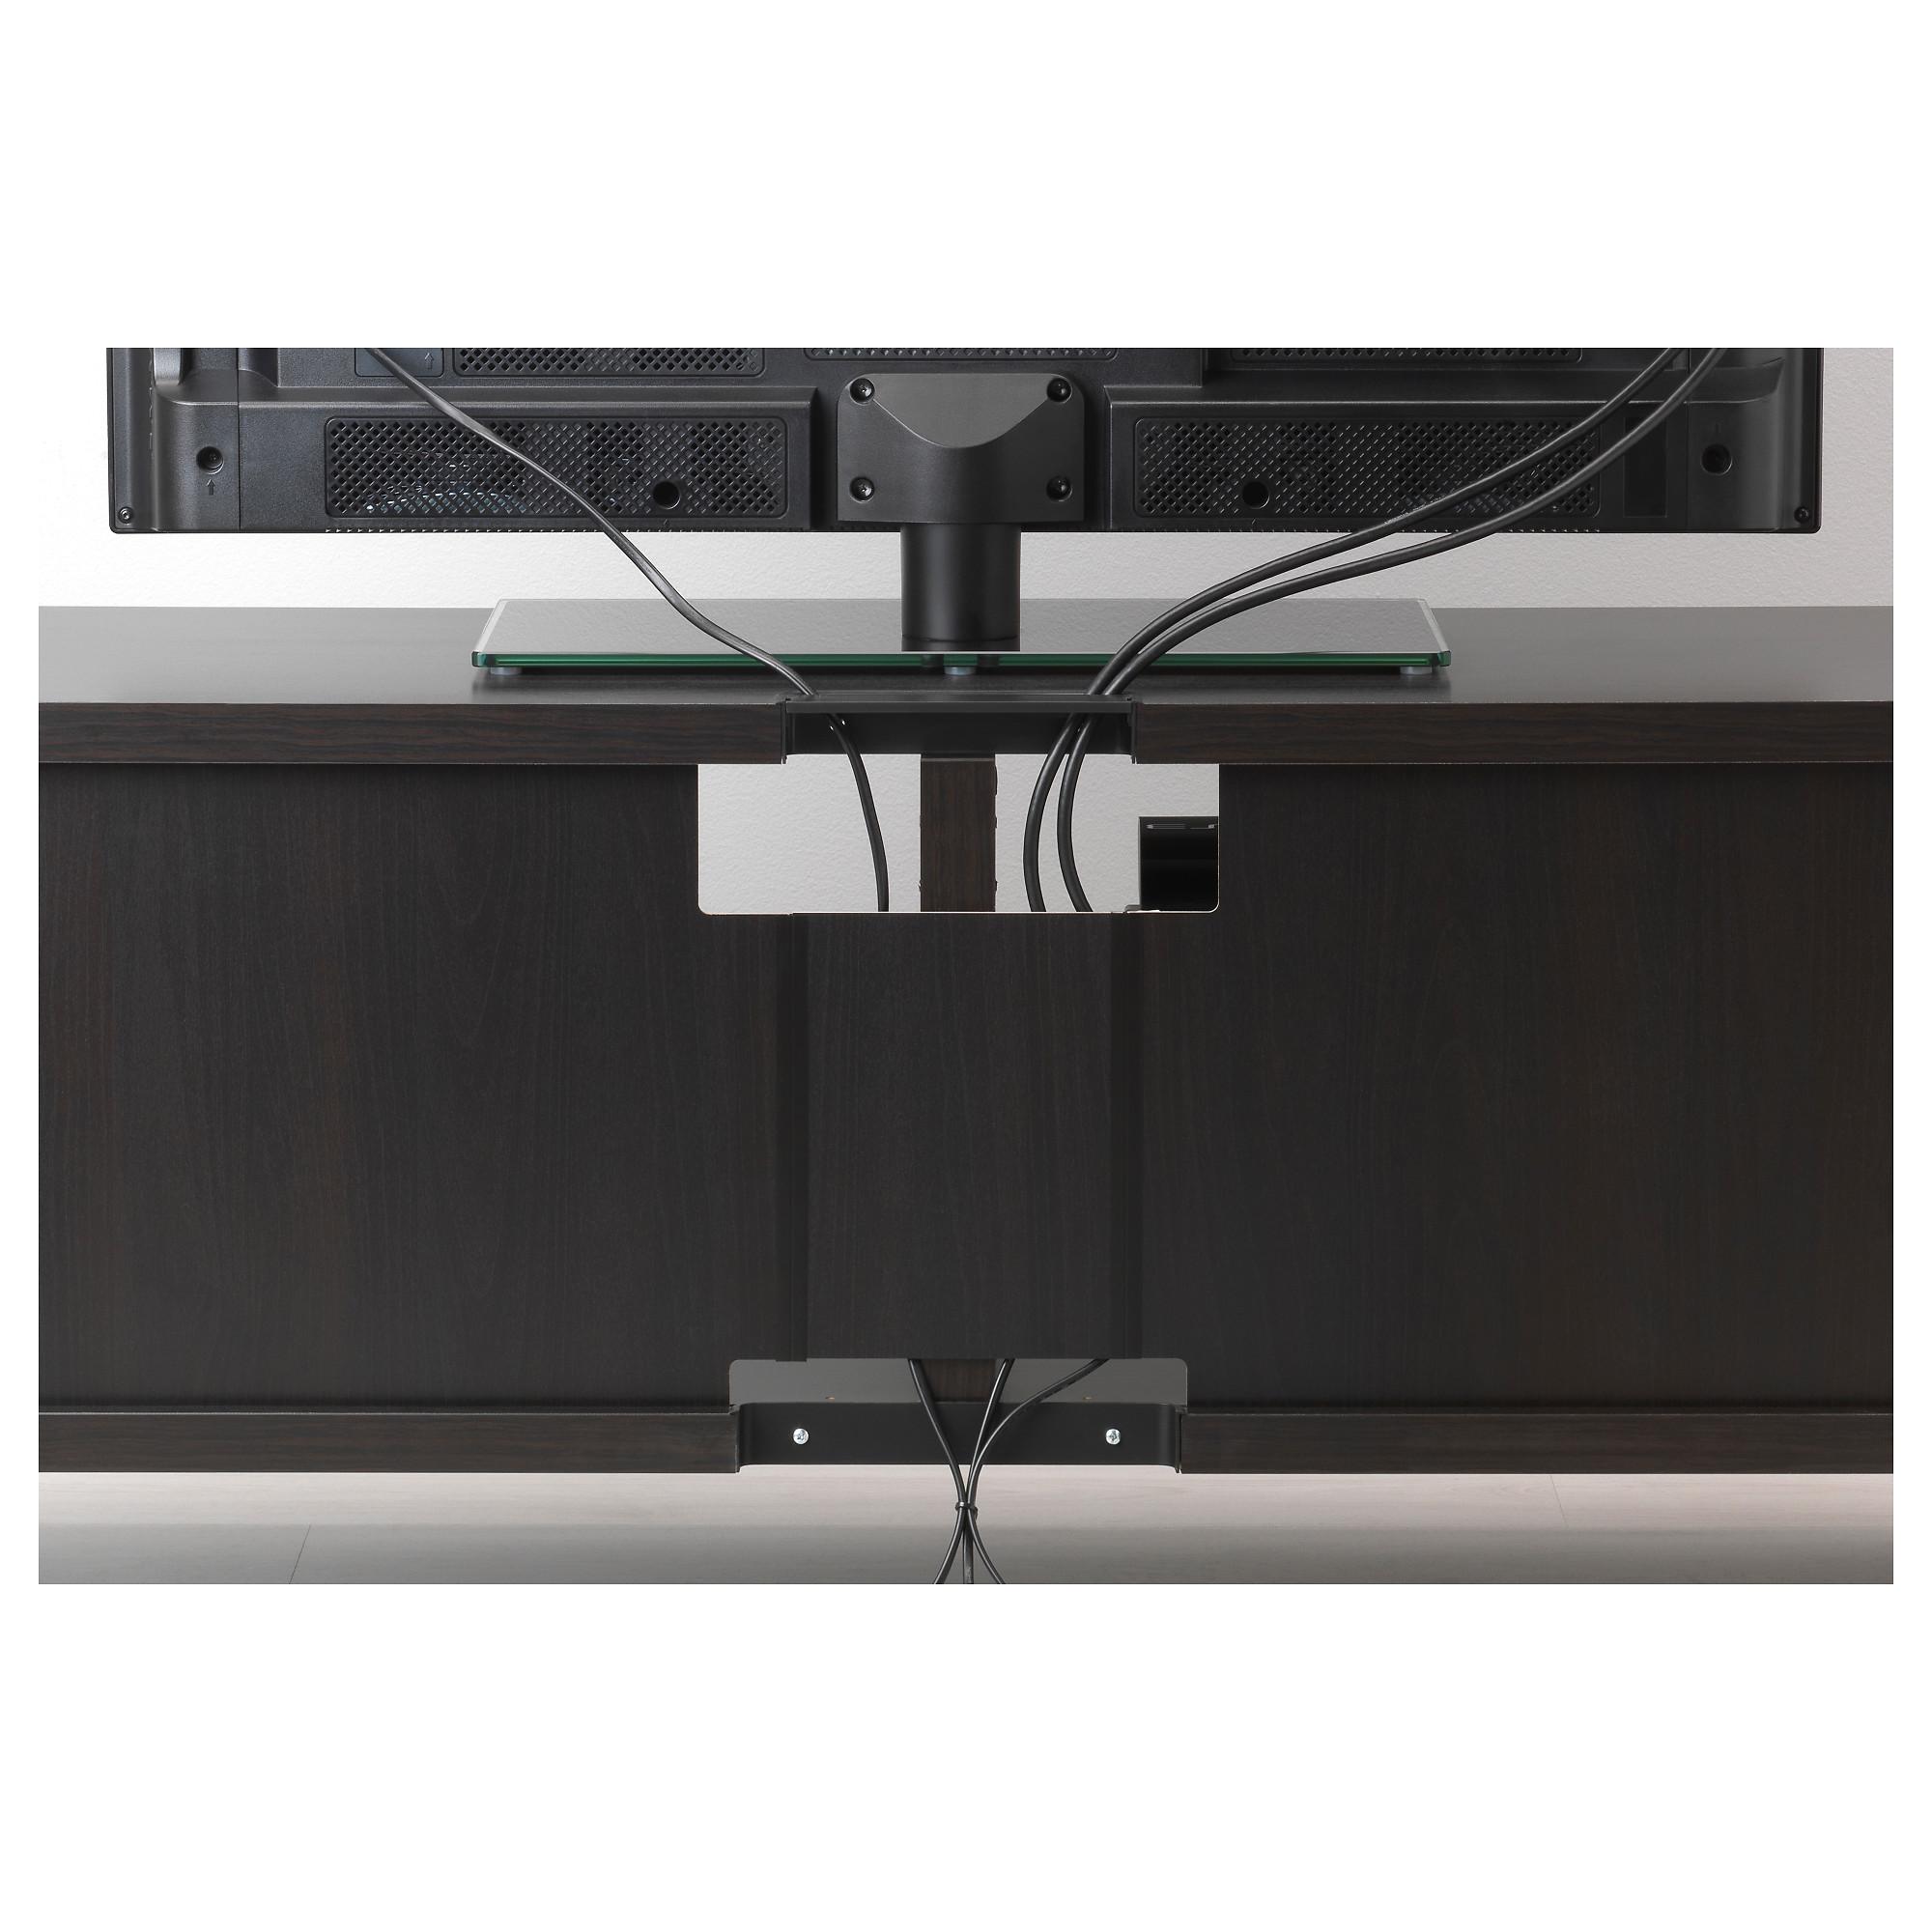 Шкаф для ТВ, комбинированный, стекляные дверцы БЕСТО артикуль № 892.504.96 в наличии. Online магазин ИКЕА РБ. Быстрая доставка и соборка.